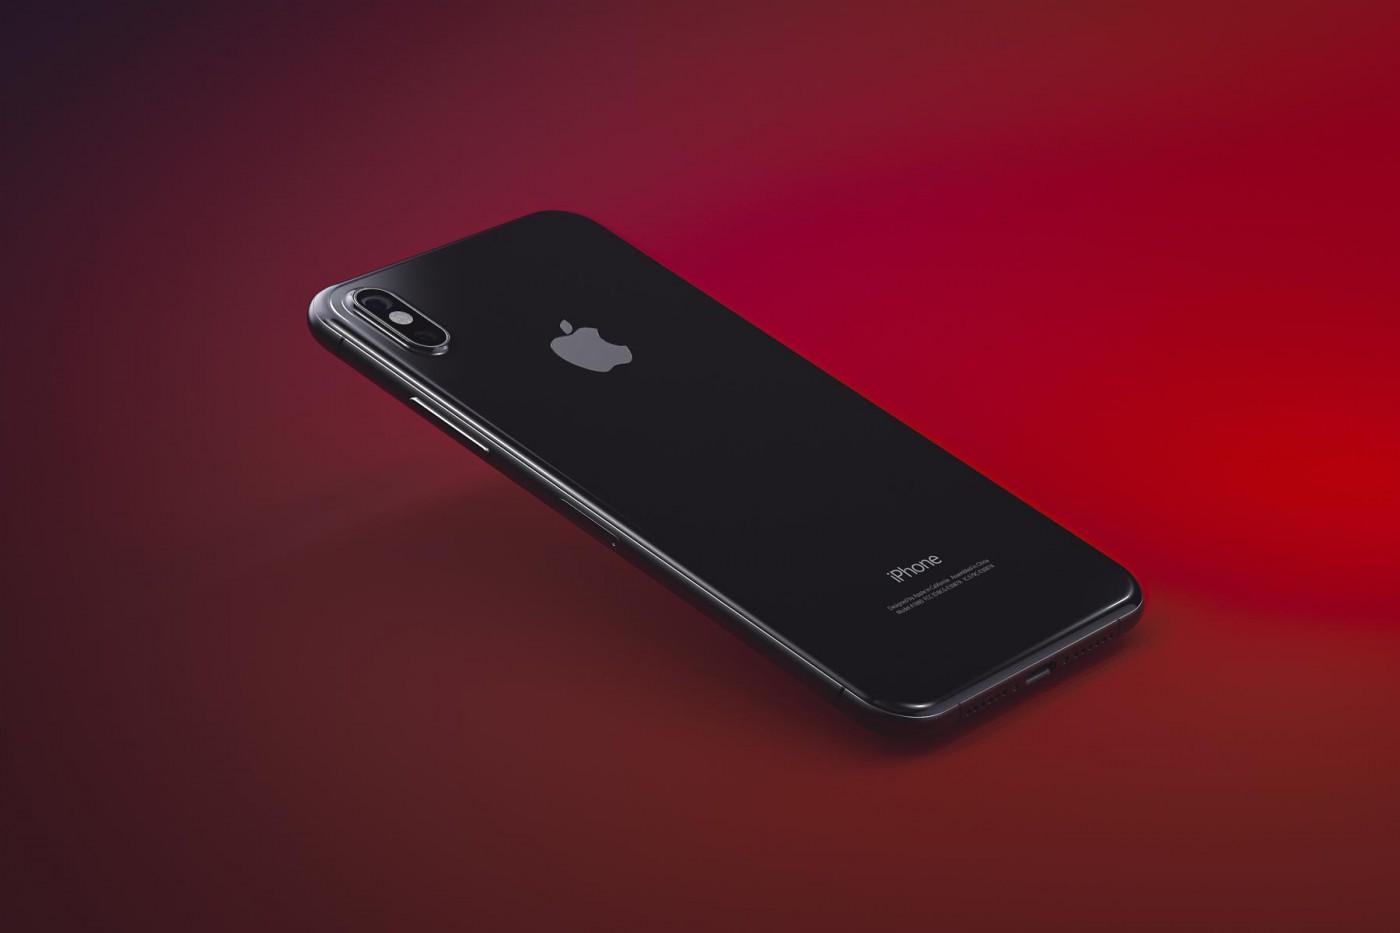 平價版iPhone X現身?蘋果明年推三款新機,可望引爆超級換機潮